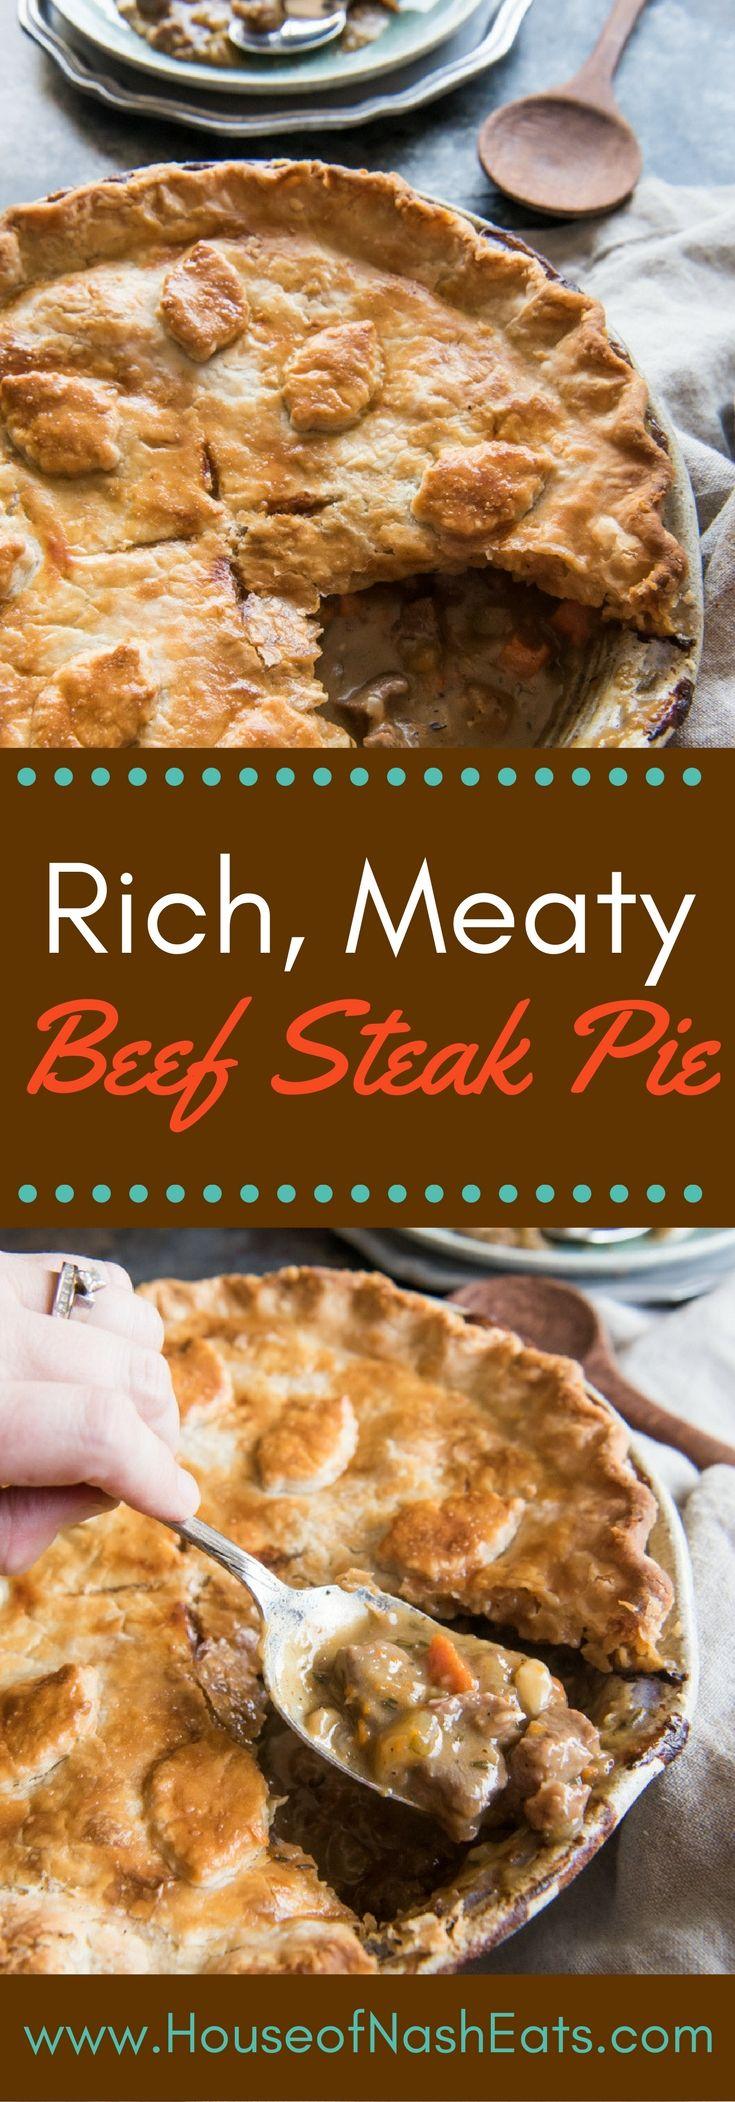 Beef Steak Pie is an old recipe for a rich, meaty steak ...